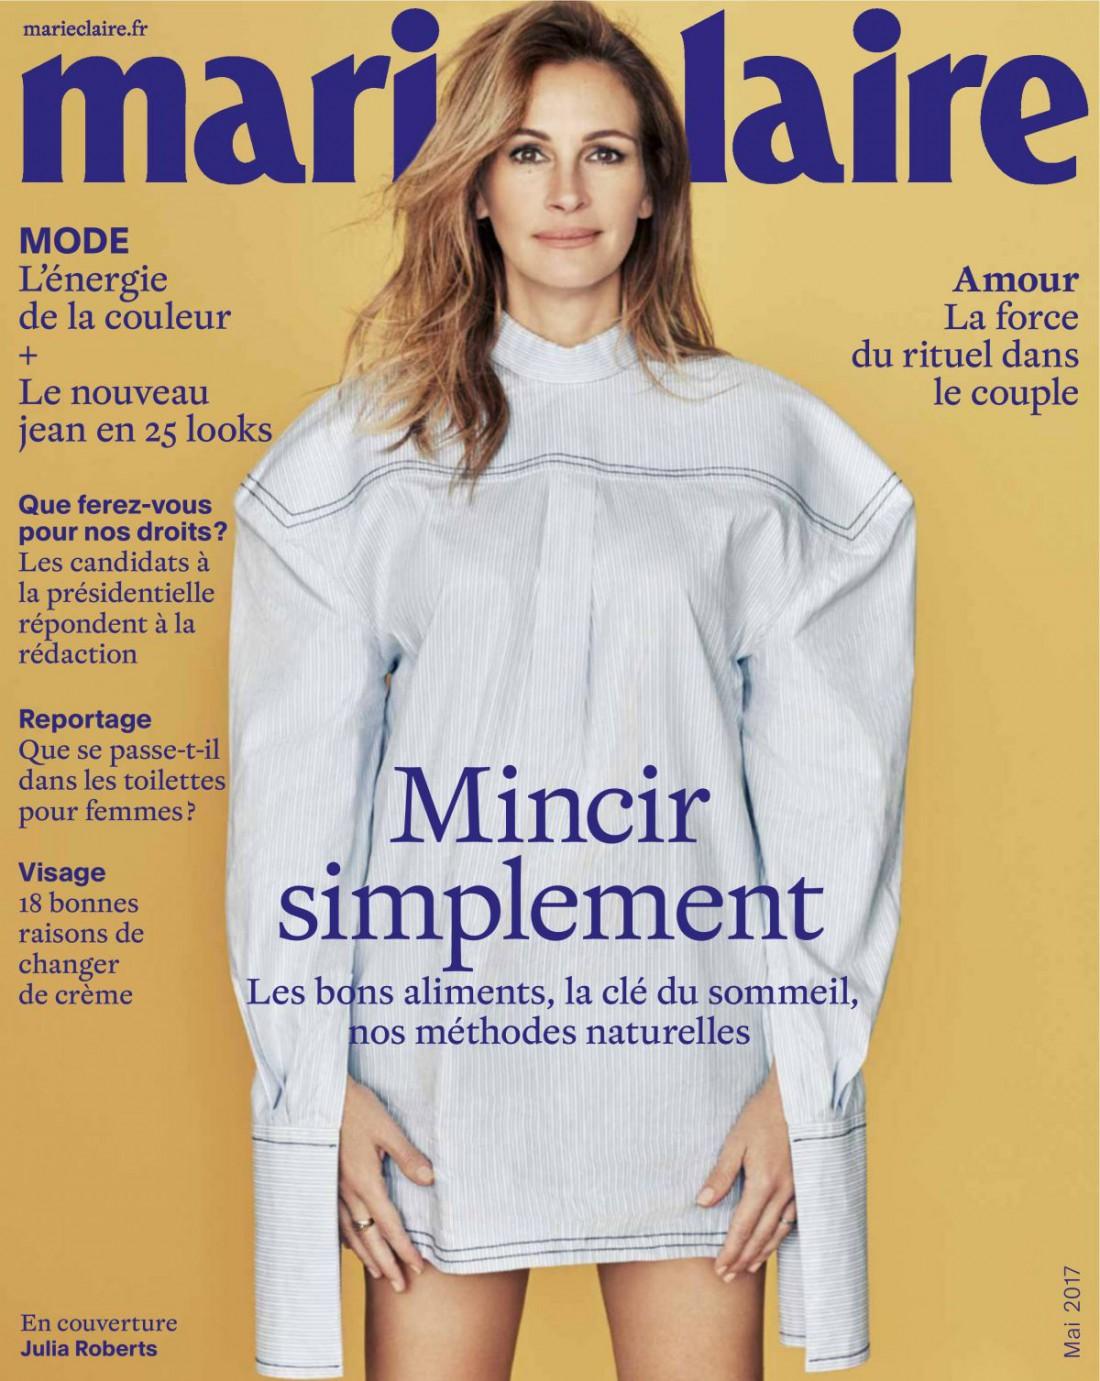 Джулия Робертс стала главной героиней журнала Marie Claire